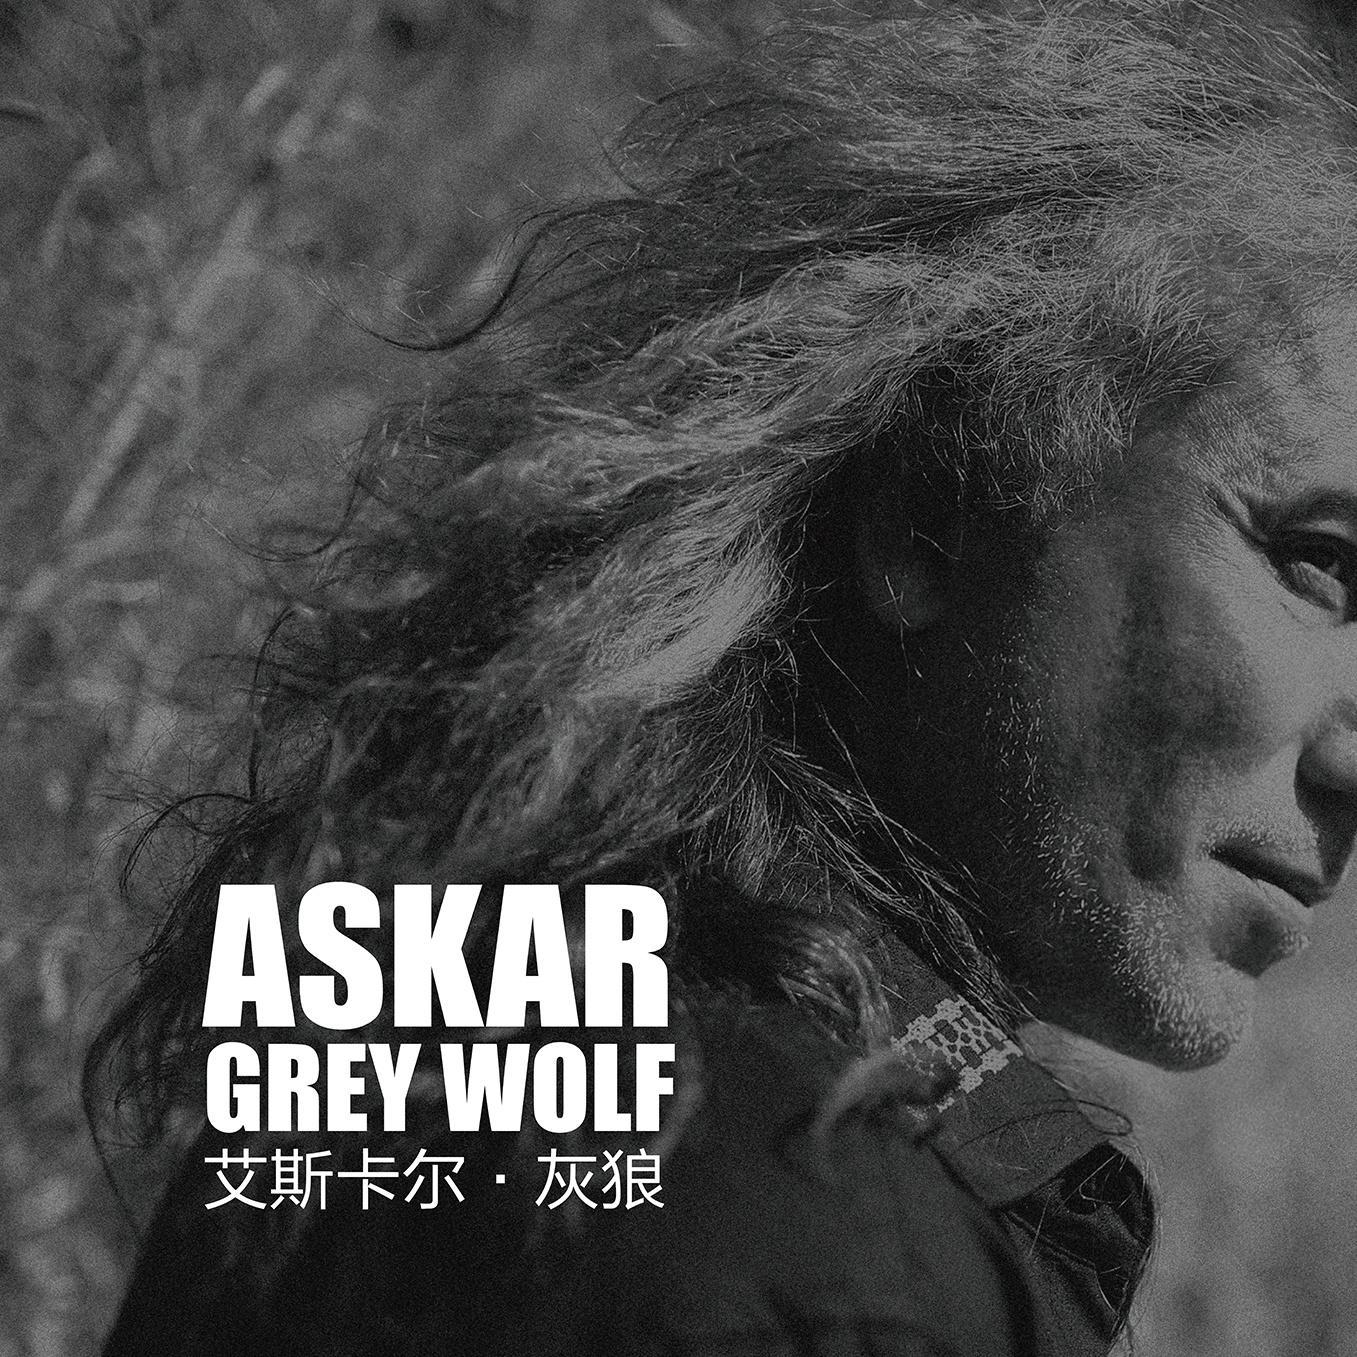 艾斯卡尔·灰狼